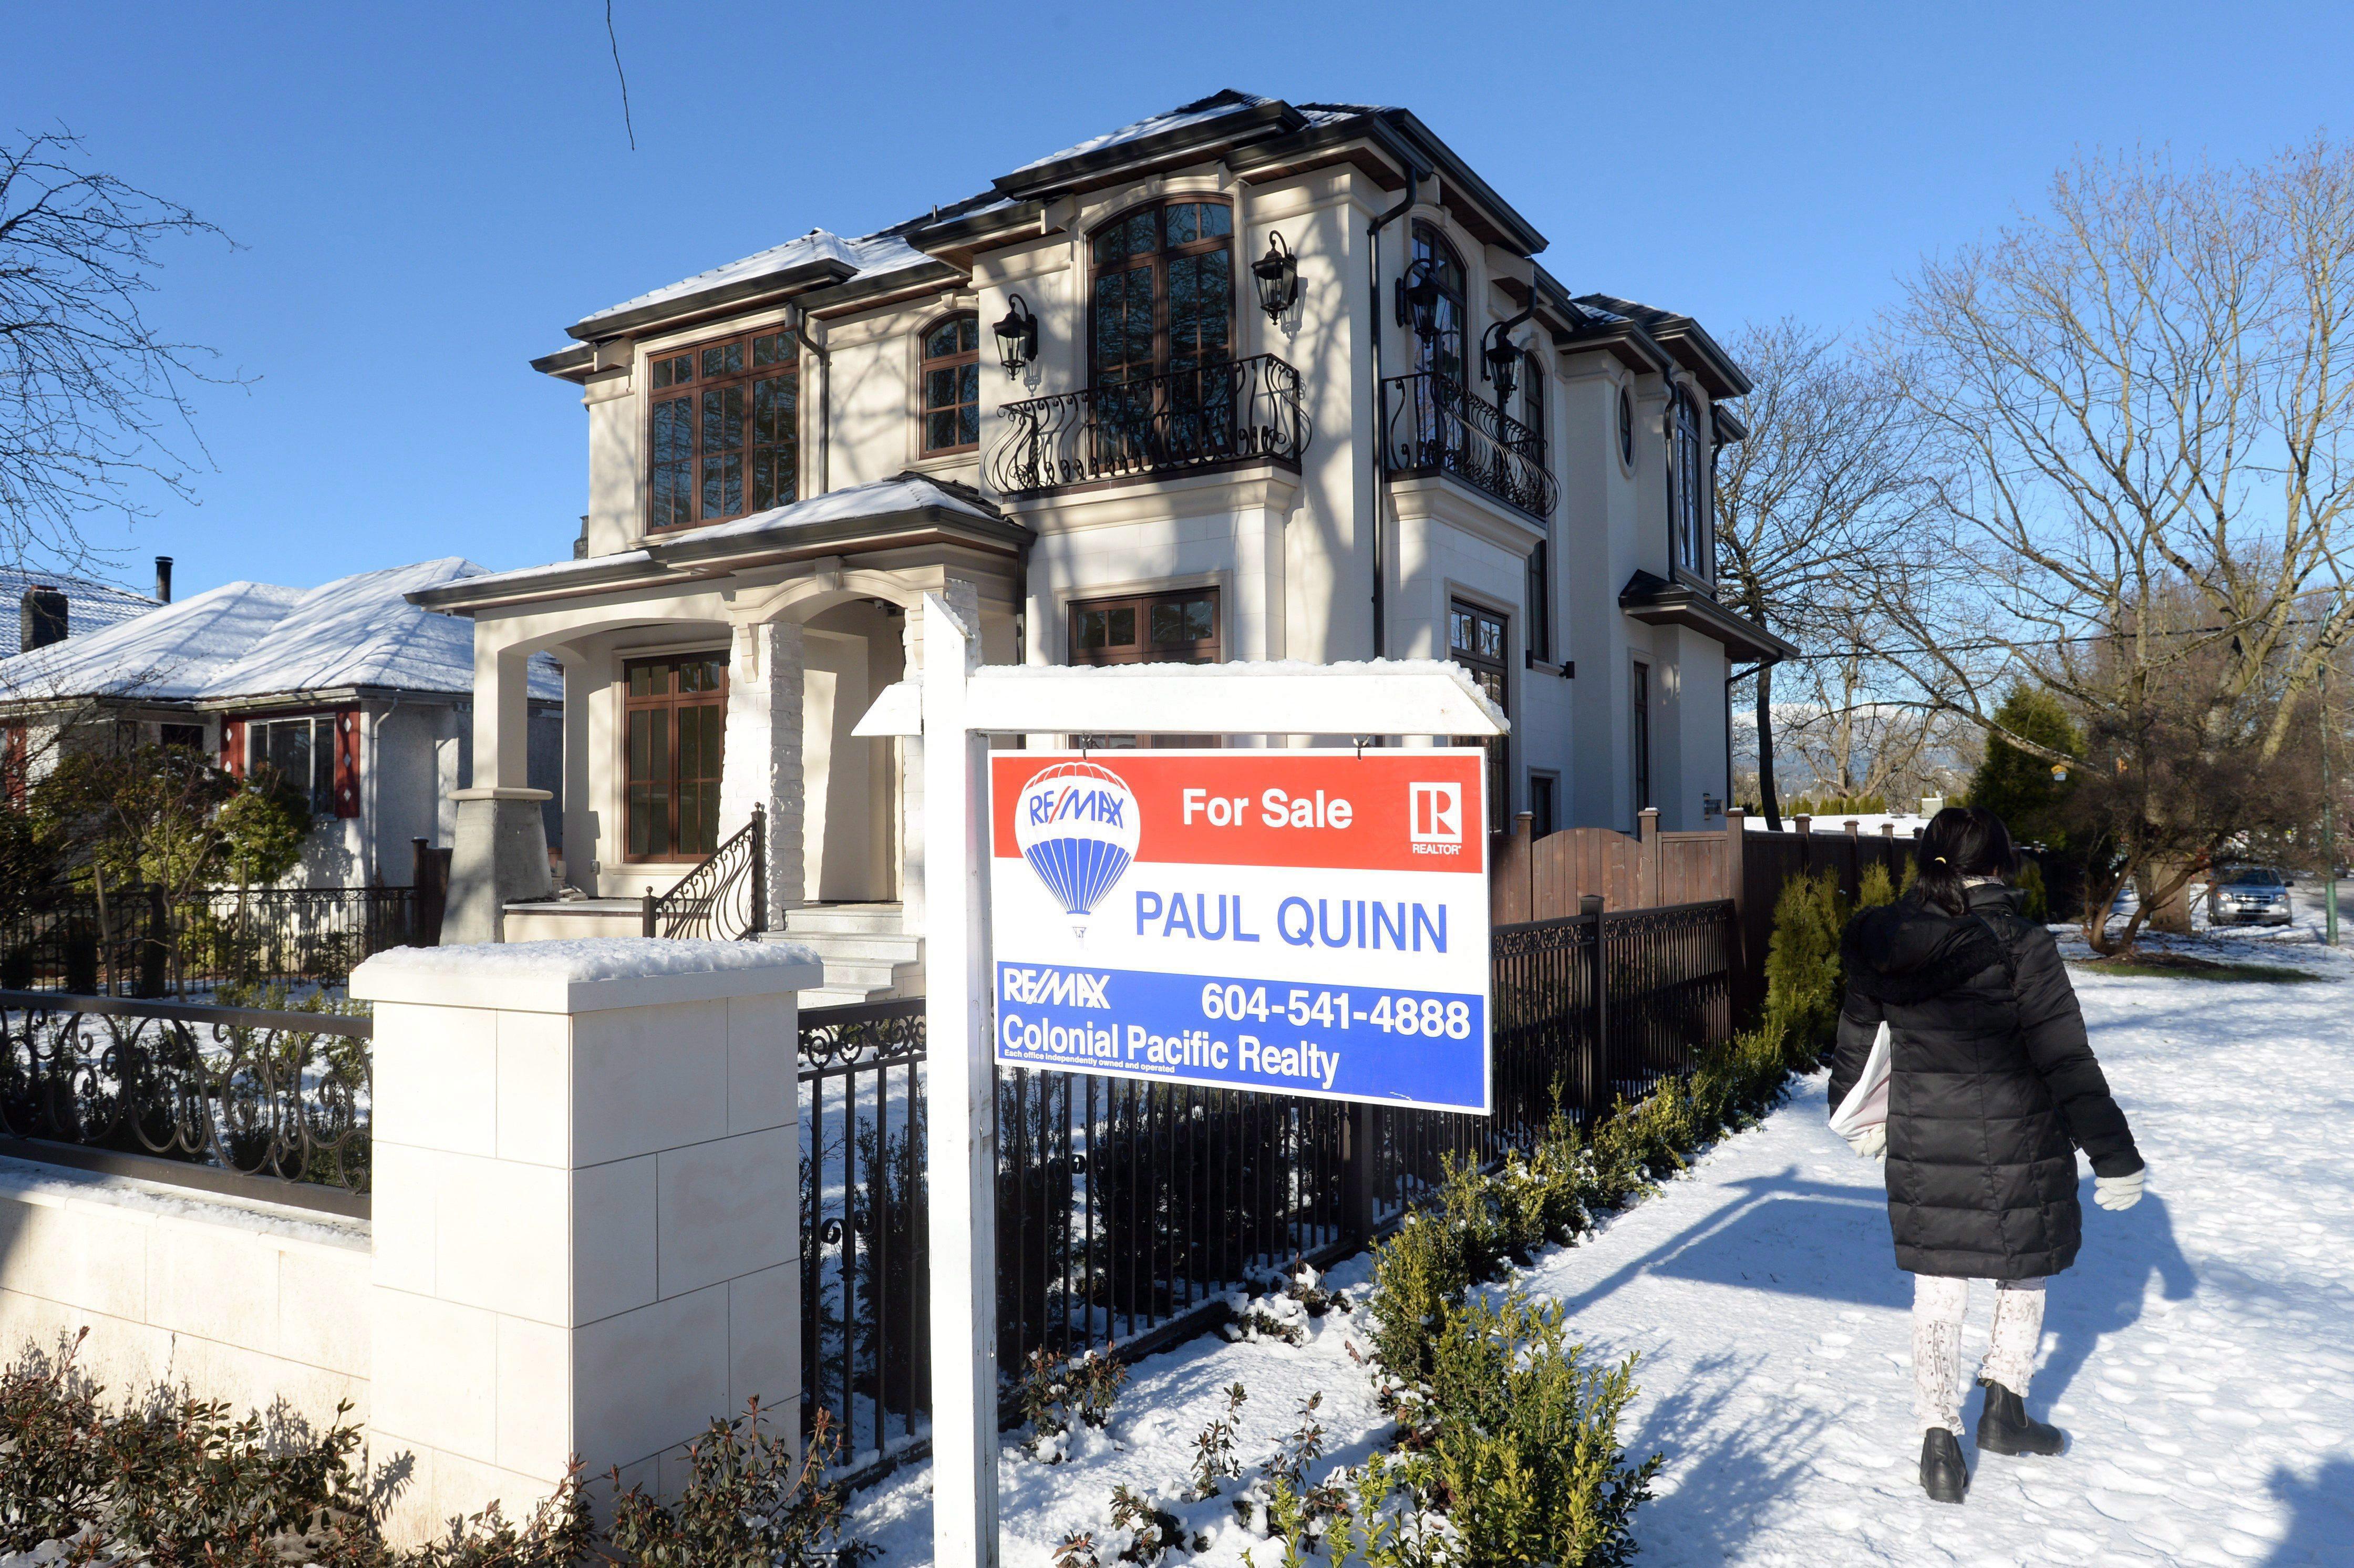 加拿大3月份房市 量价跌幅均超两位数